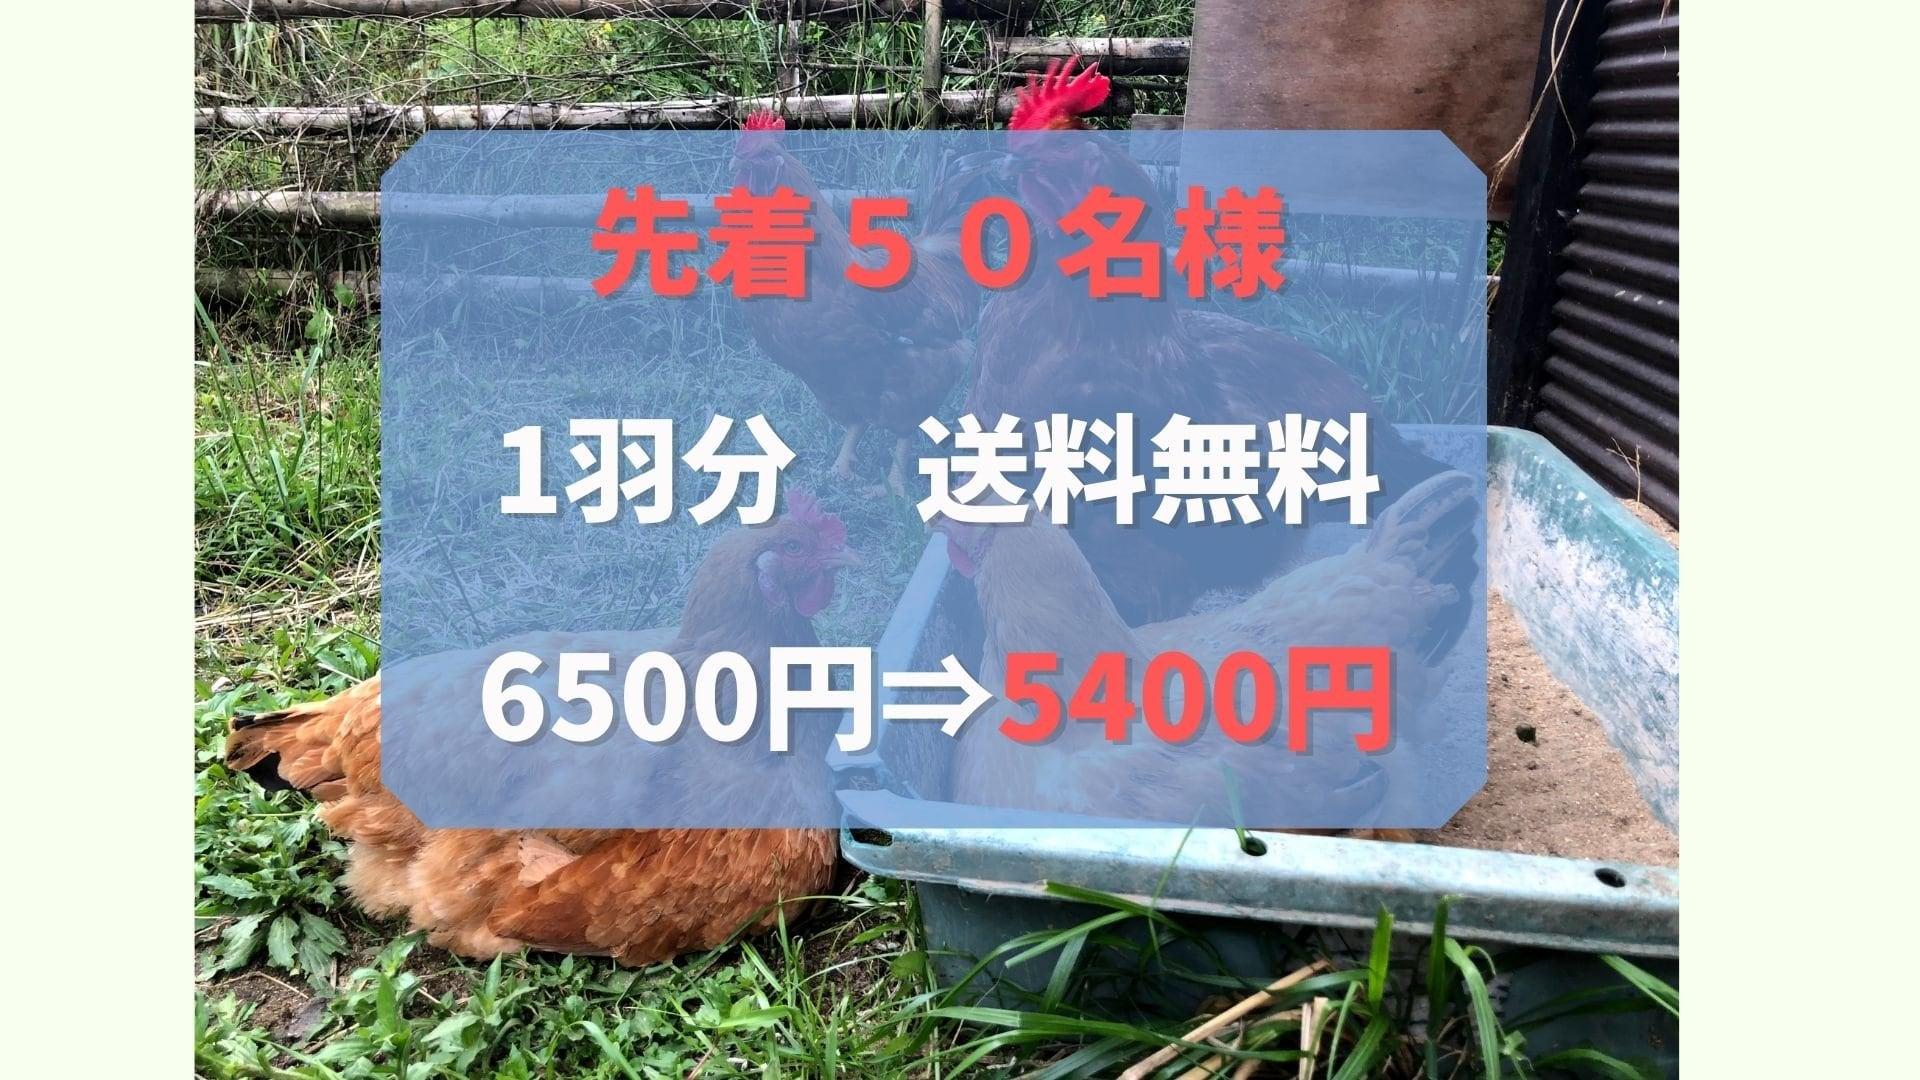 【予約販売・応援チケット】廃墟と廃材を使った放し飼い養鶏場設立、サスティナブルチキンを育てたい!たびちゃんファーム 放し飼いチキン1羽分 【先着50名様限定価格】のイメージその5